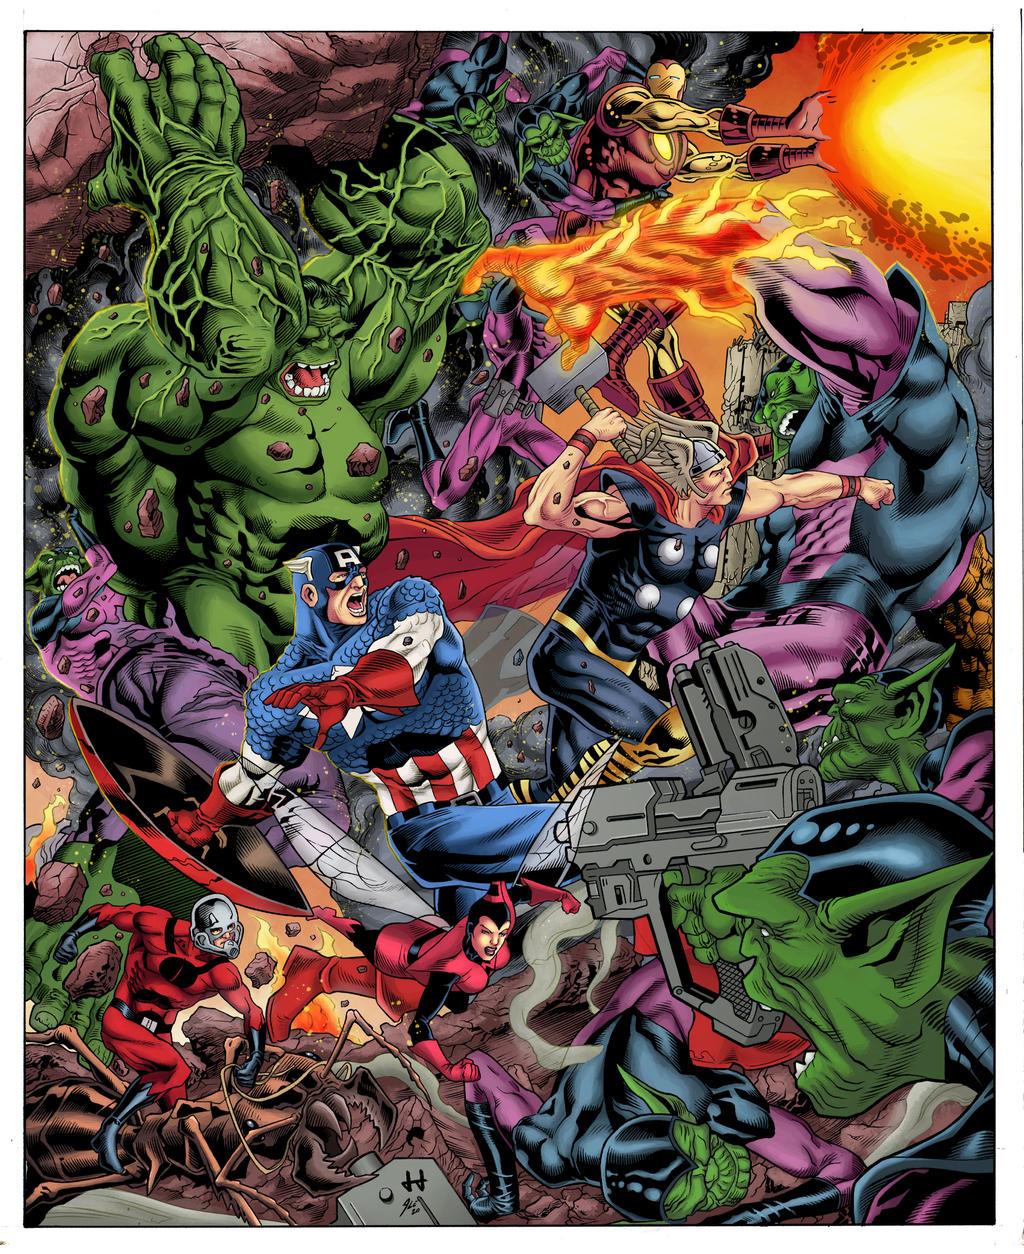 Avengers vs Skrulls